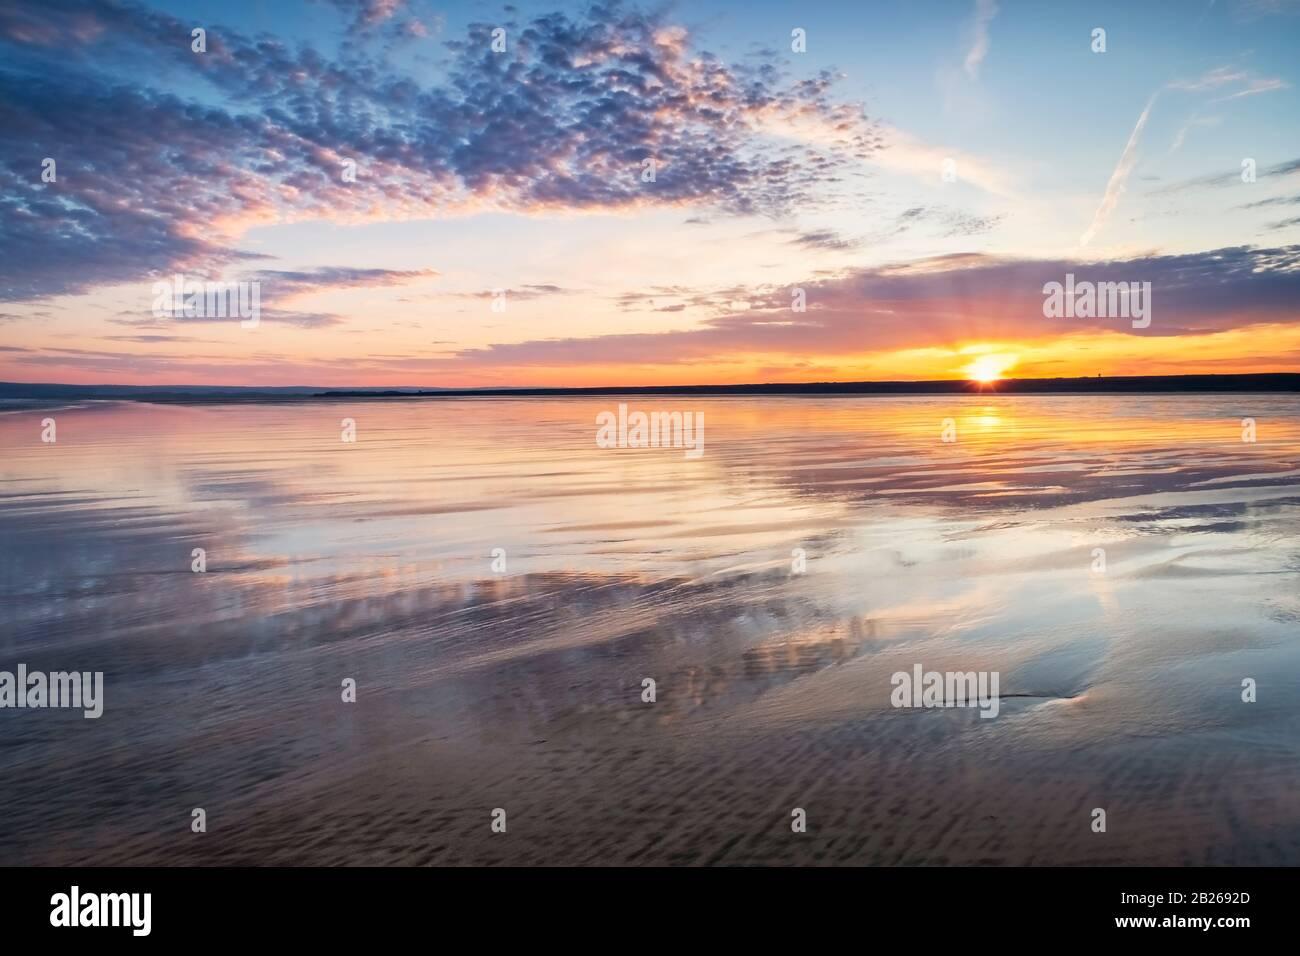 Romántica puesta de sol sobre la playa North Devon, costa, costa, arena, mar, vida costera, estilo de vida, suroeste, costa, impresionante, espectacular, Reino Unido Foto de stock